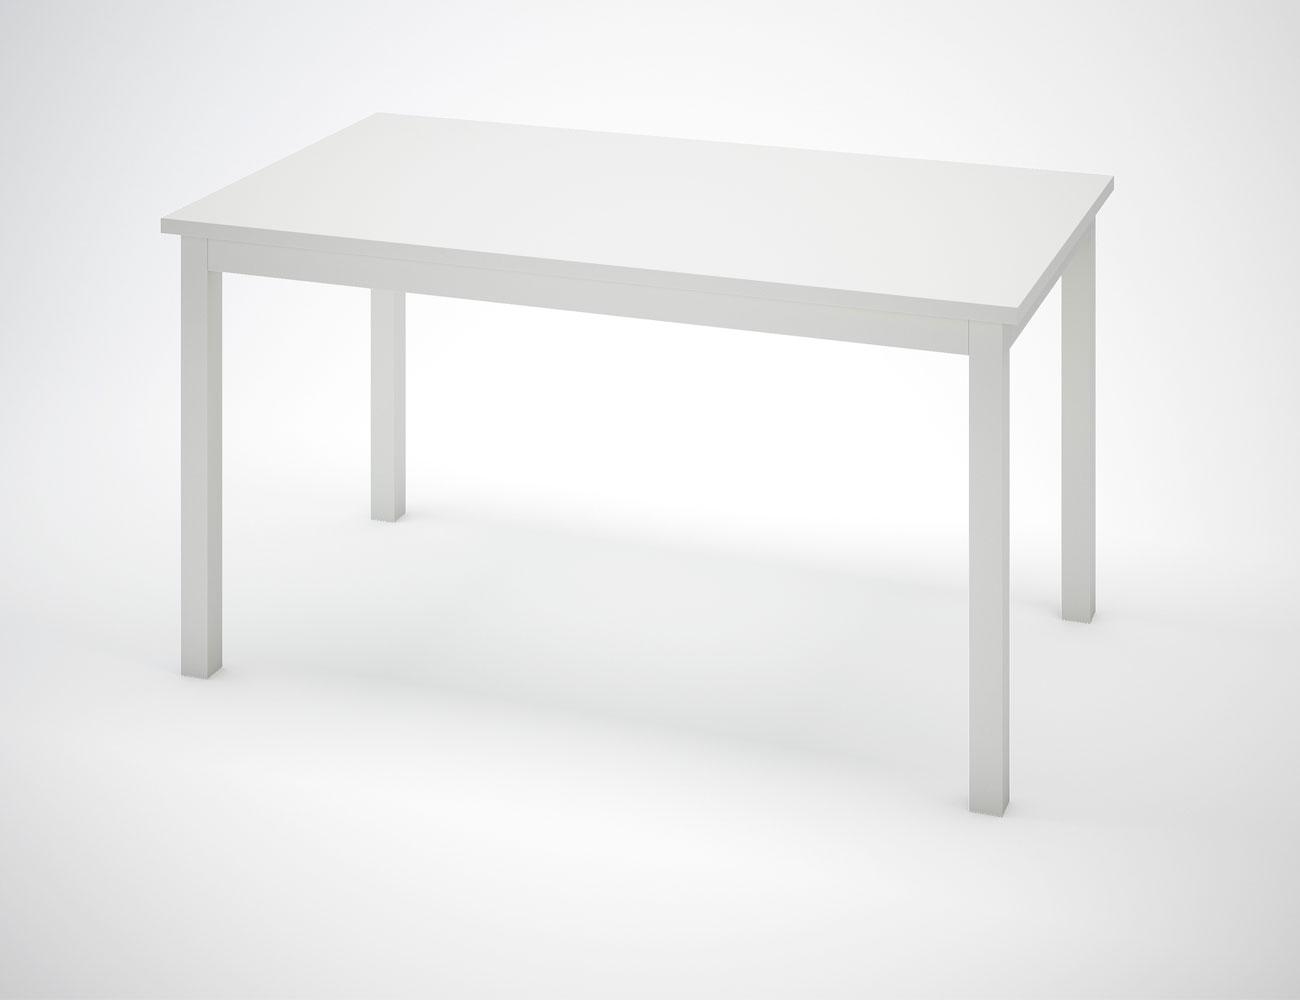 07 mesa fija blanco